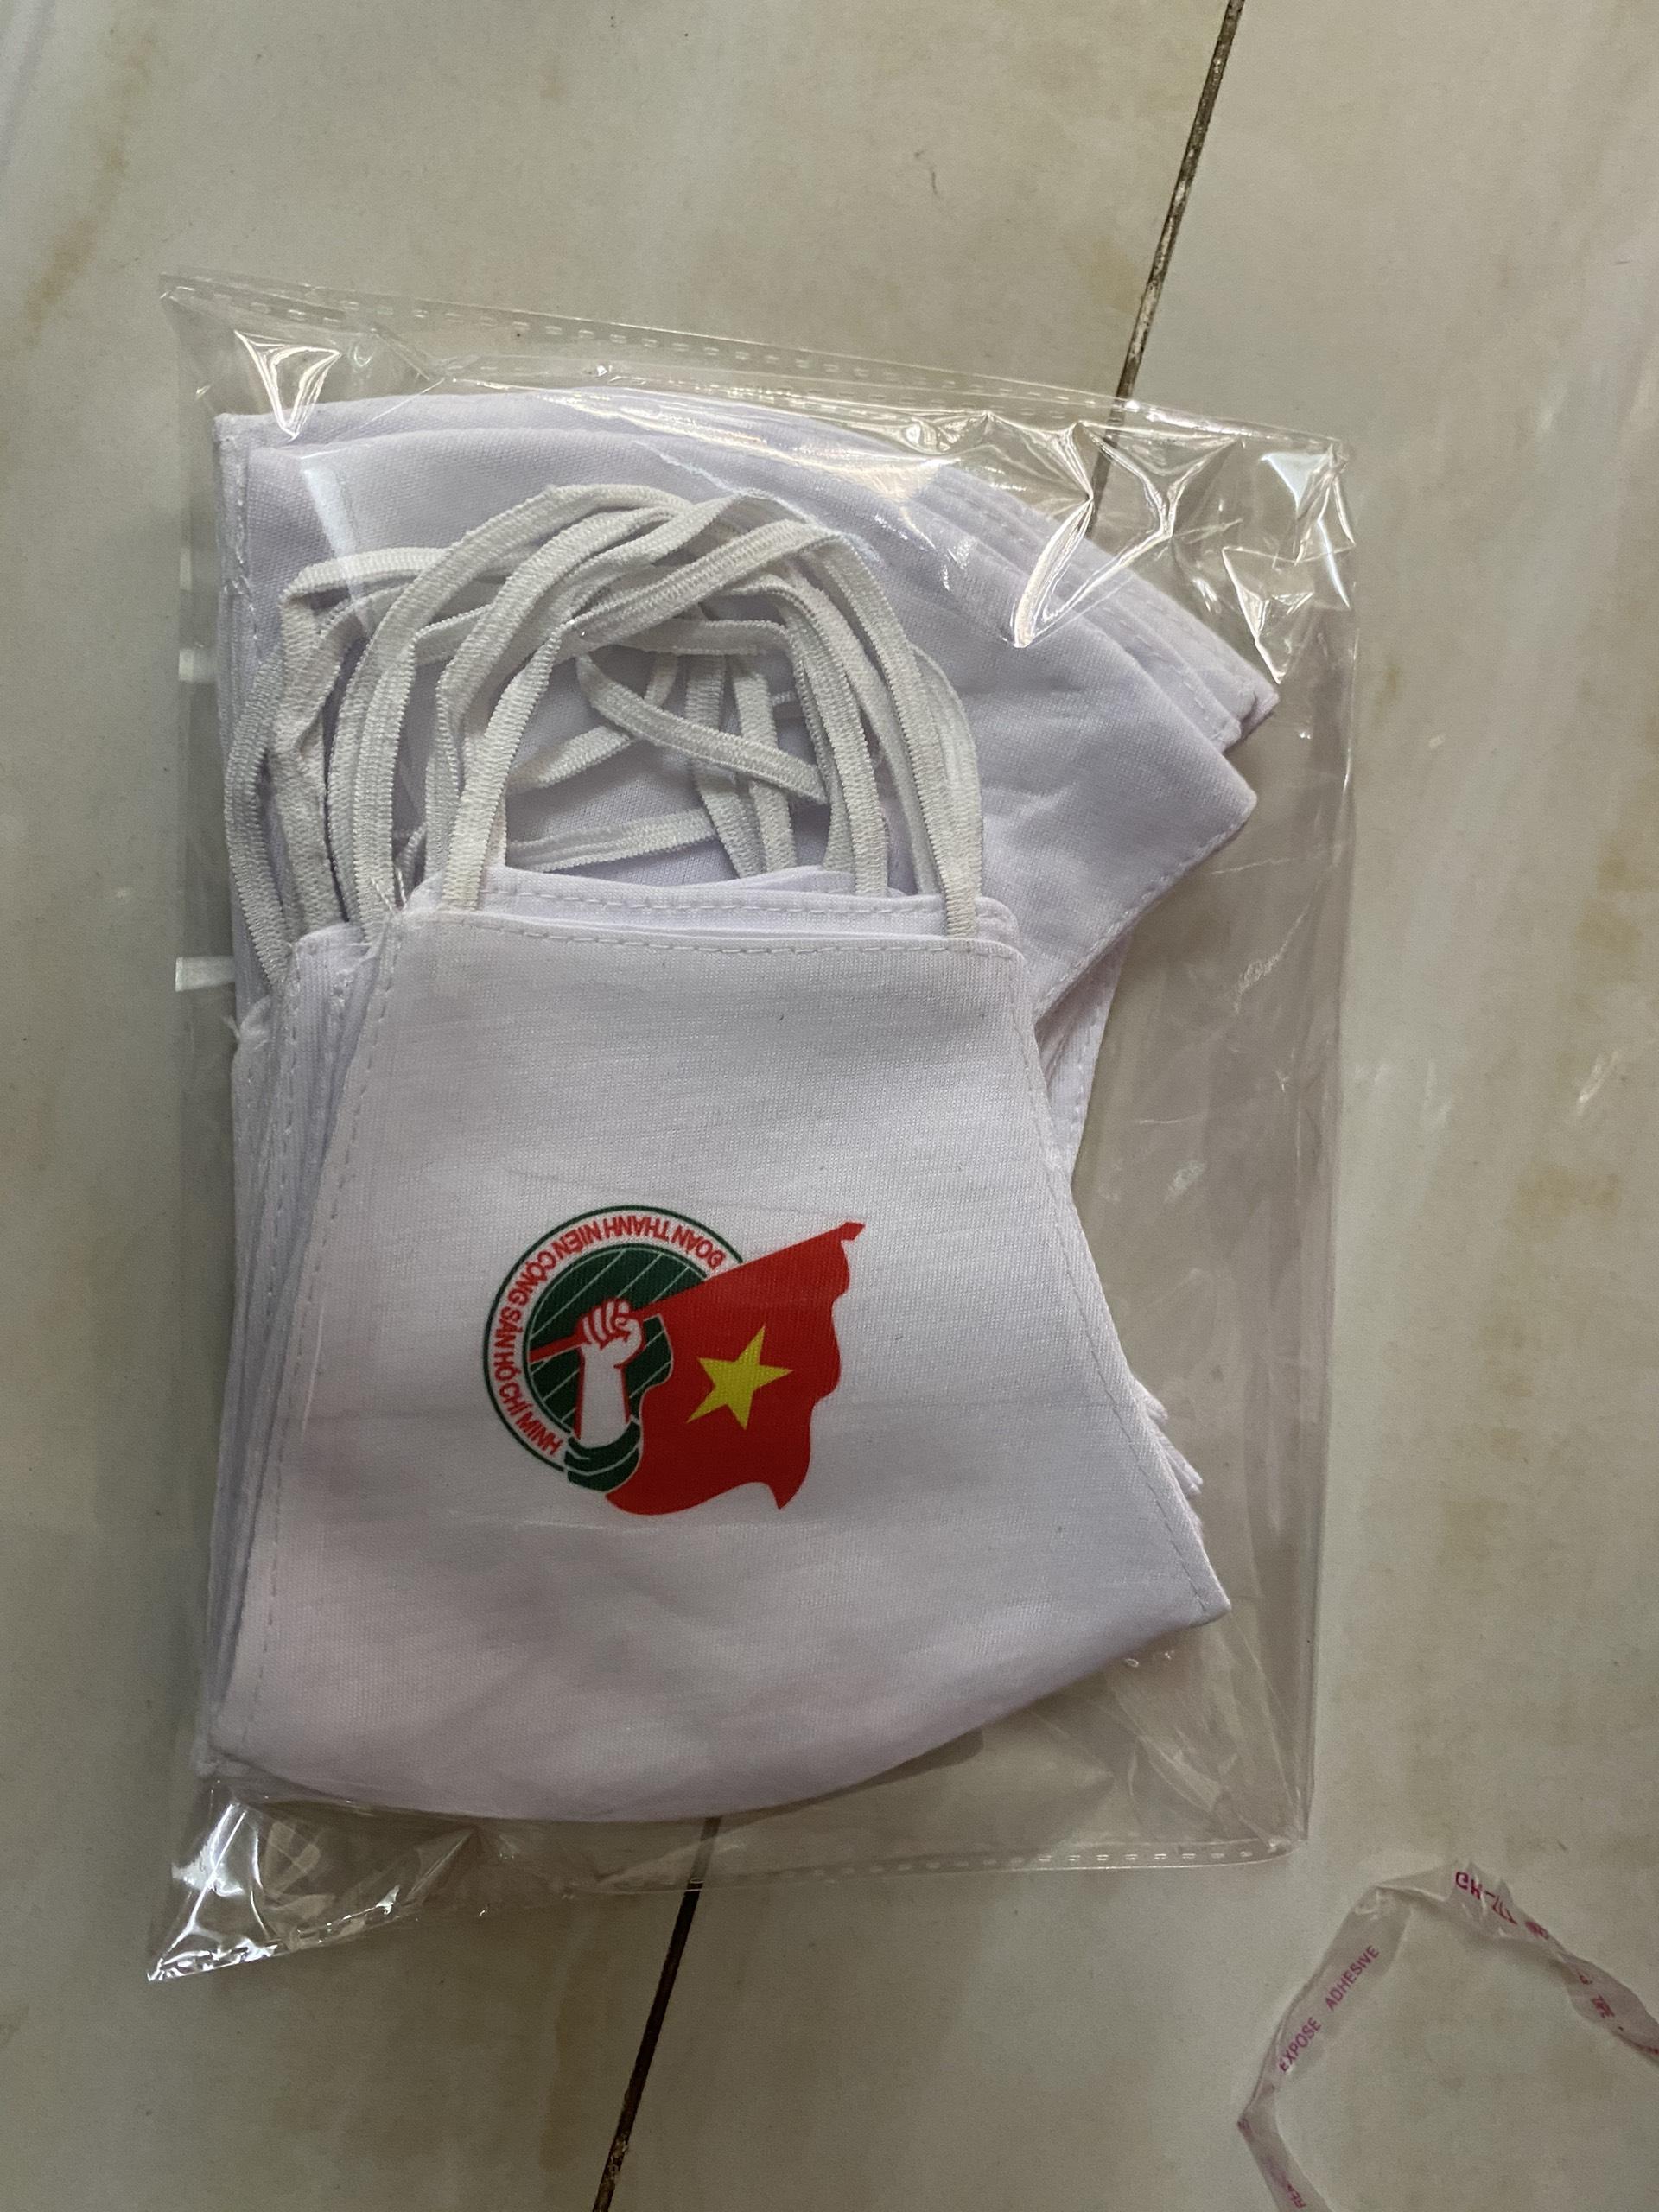 khẩu trang vải in logo đoàn - xưởng sản xuất khẩu trang theo yêu cầu khẩu trang vải in logo đoàn